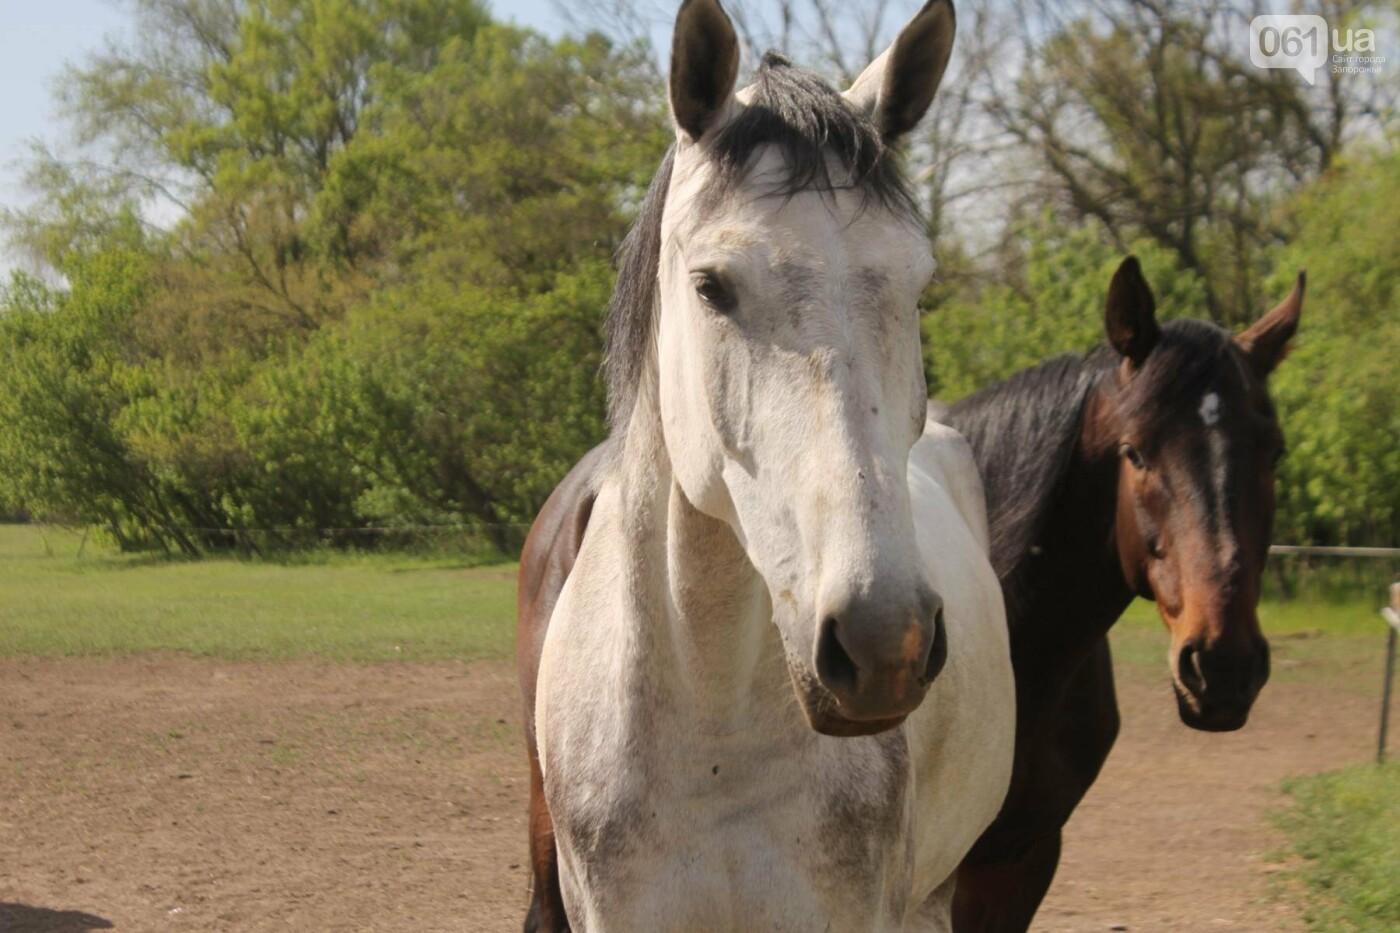 Незабываемое общение с лошадьми: экскурсия в конноспортивный клуб «Патриот», – ФОТОРЕПОРТАЖ, фото-9